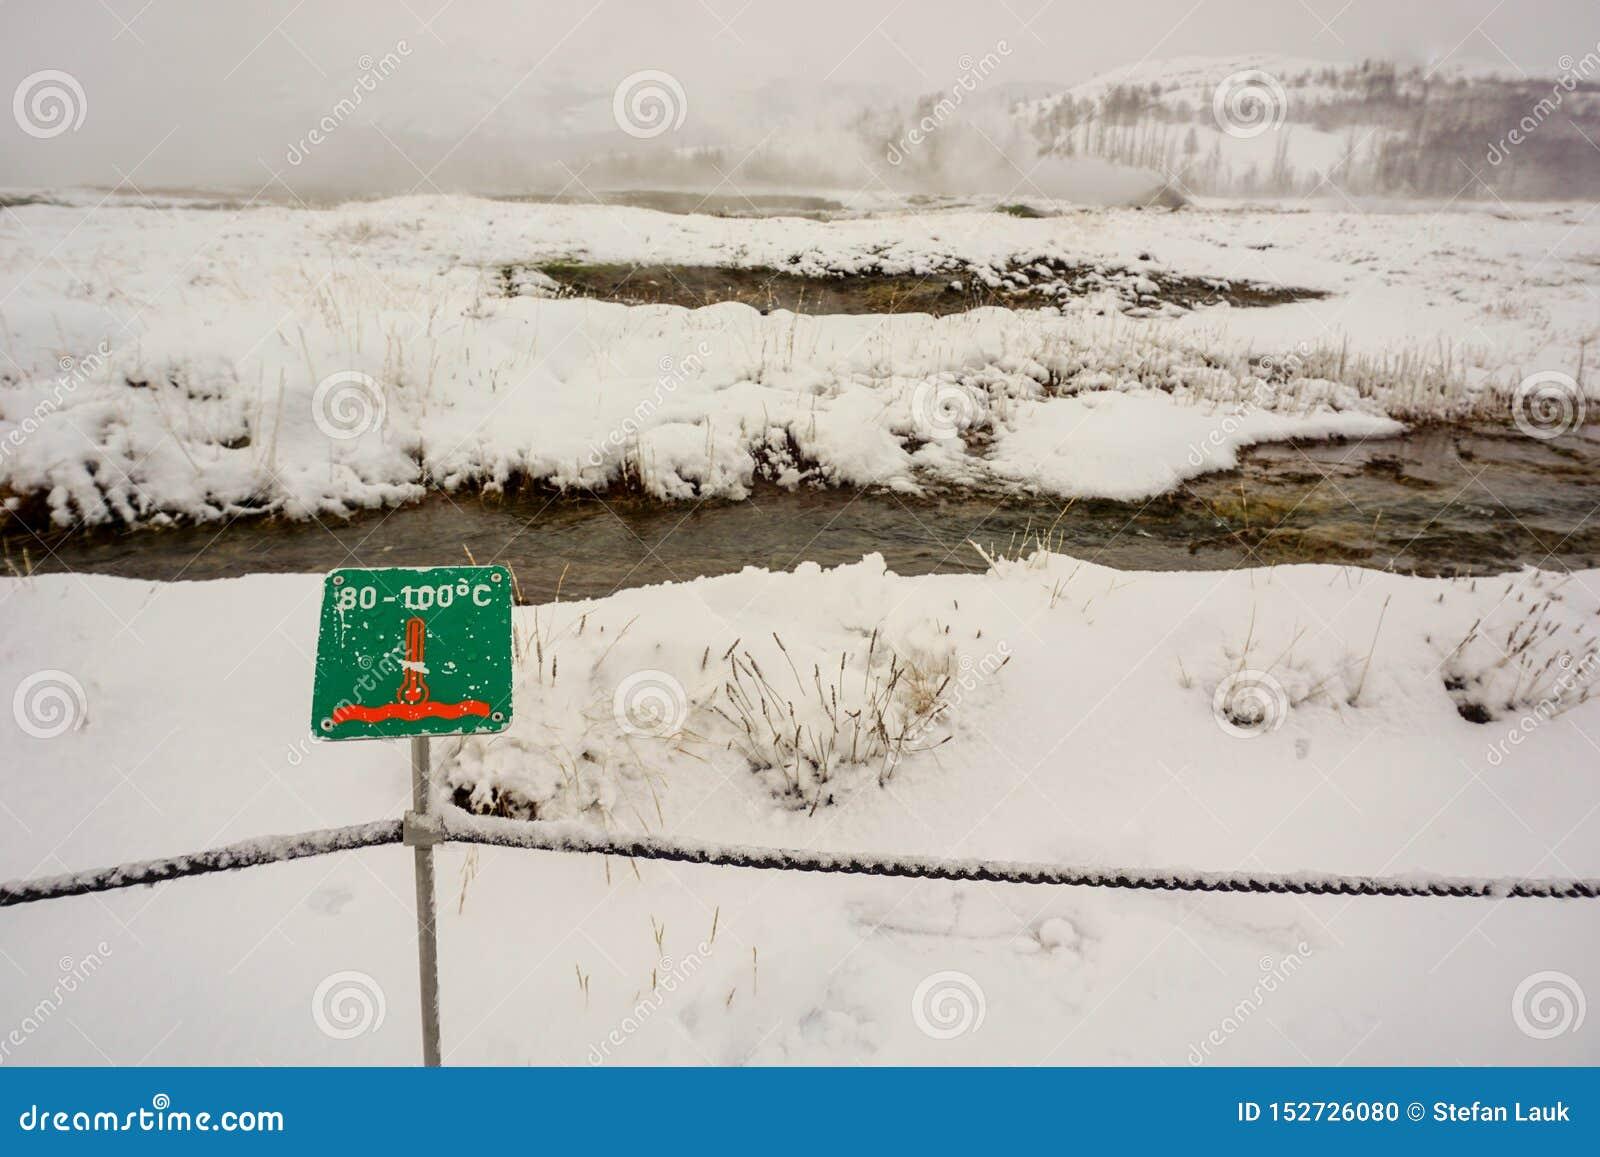 Temperatura W Ten Geotermicznym terenie Mógł Być Do 100 stopni, Chociaż Ja jest zimy czasem I Everything Zakrywa W śniegu